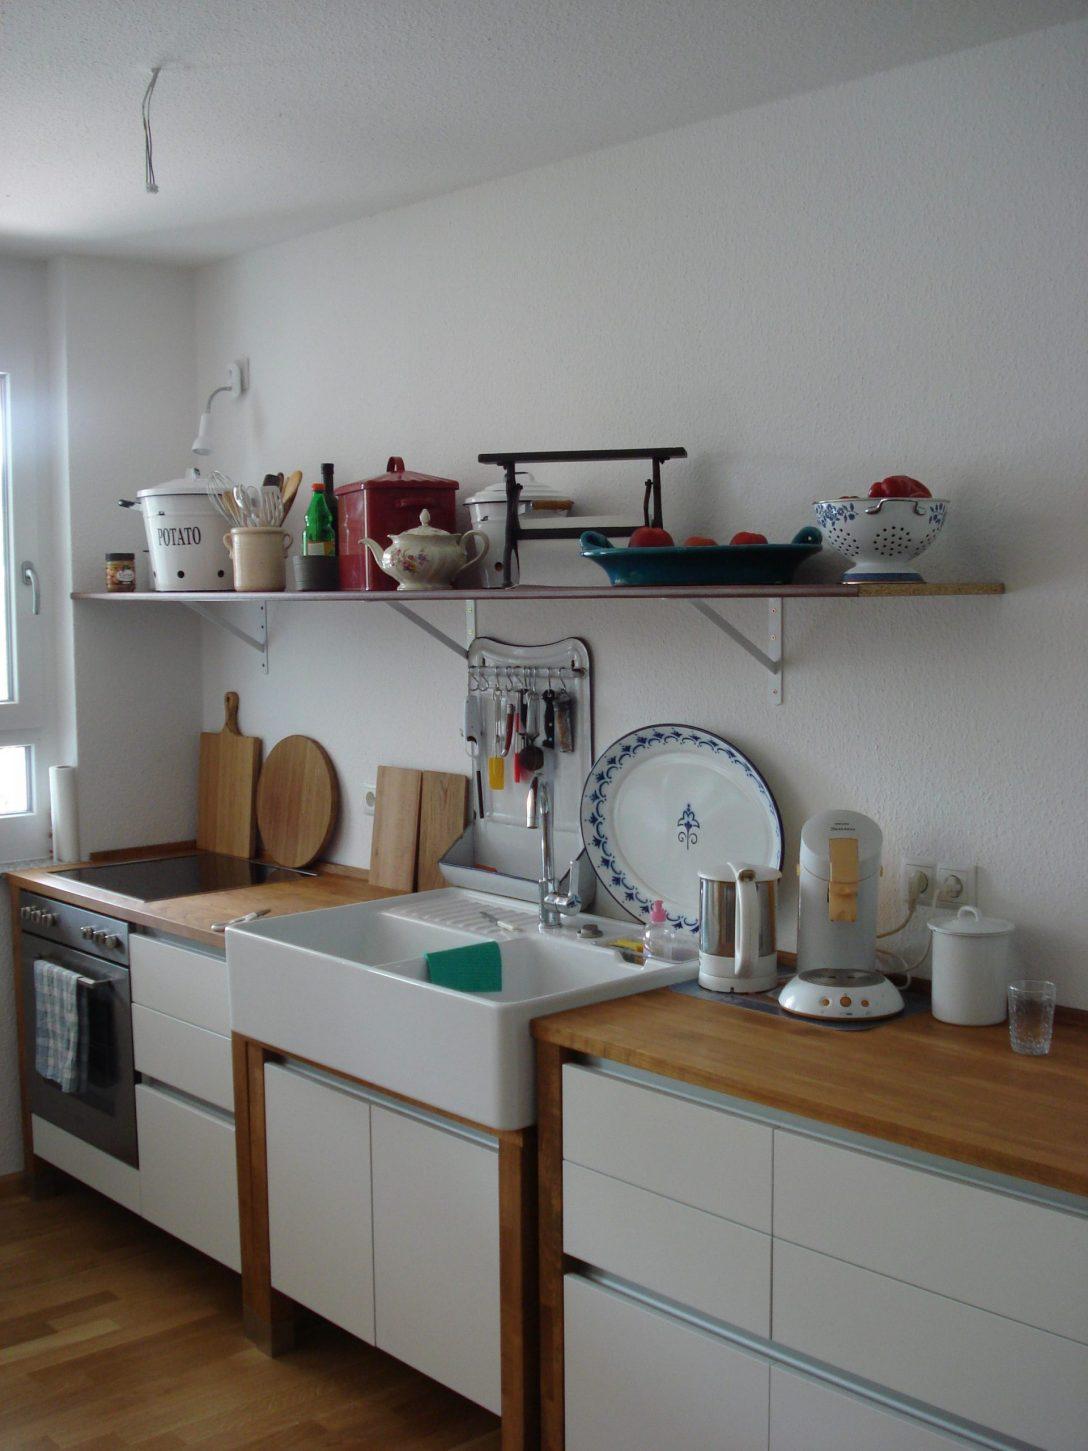 Large Size of Ikea Modulkche Vrde Habitat Werk Kaufen Kche Holz Betten 160x200 Küche Kosten Modulküche Sofa Mit Schlaffunktion Miniküche Bei Küche Modulküche Ikea